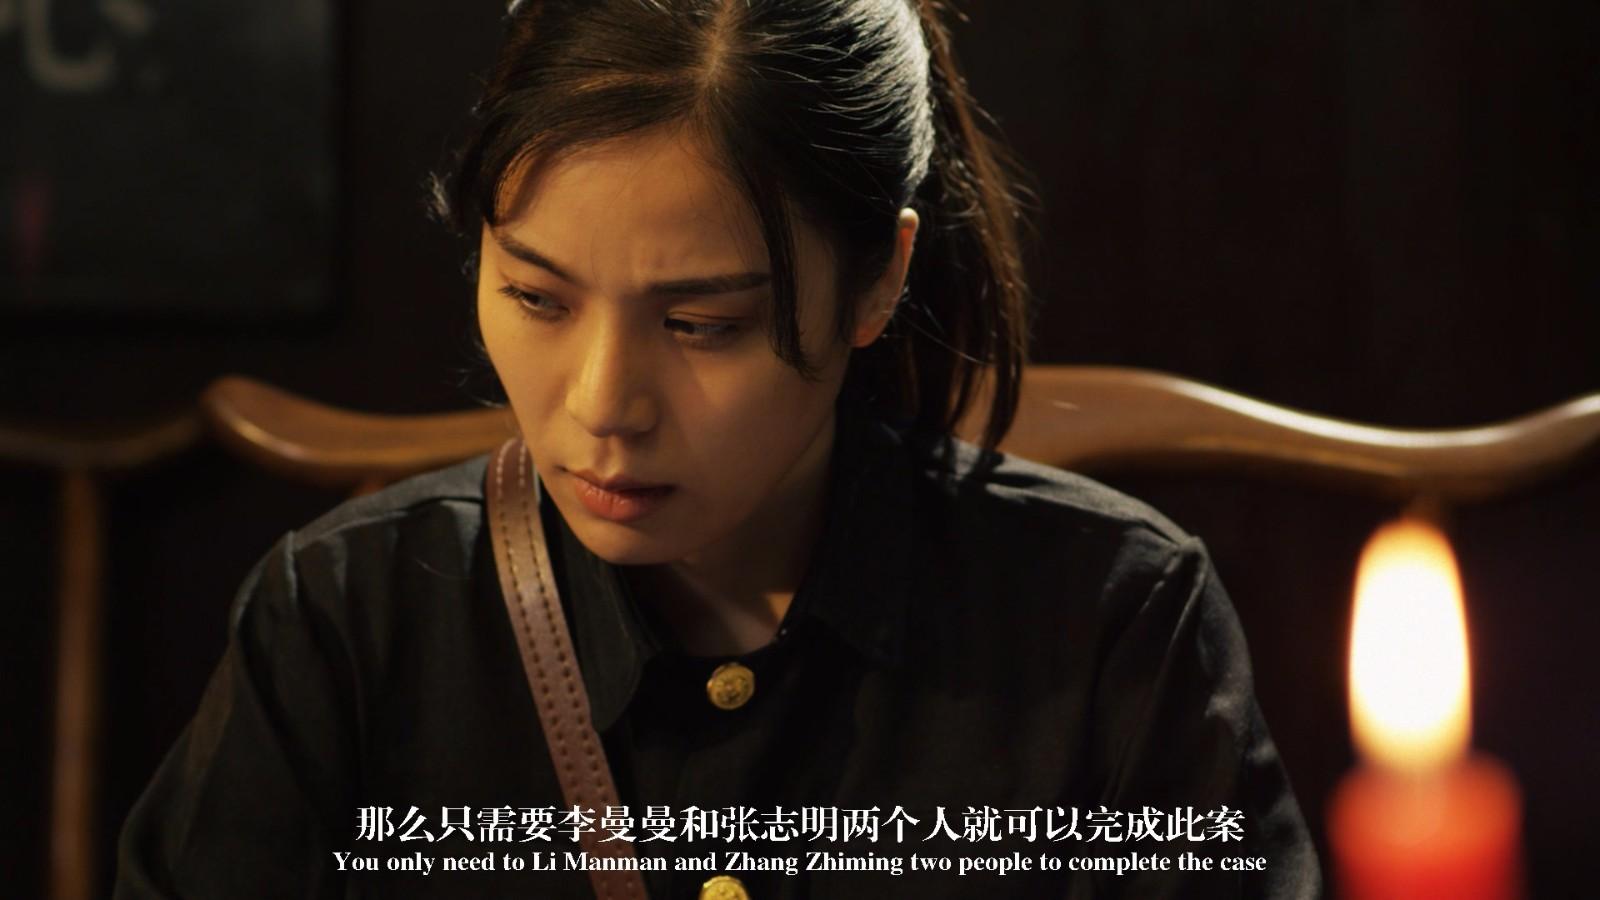 小谜里镇小里栗_小成本国产悬疑电影获好评:不错的良心之作《谜镇》